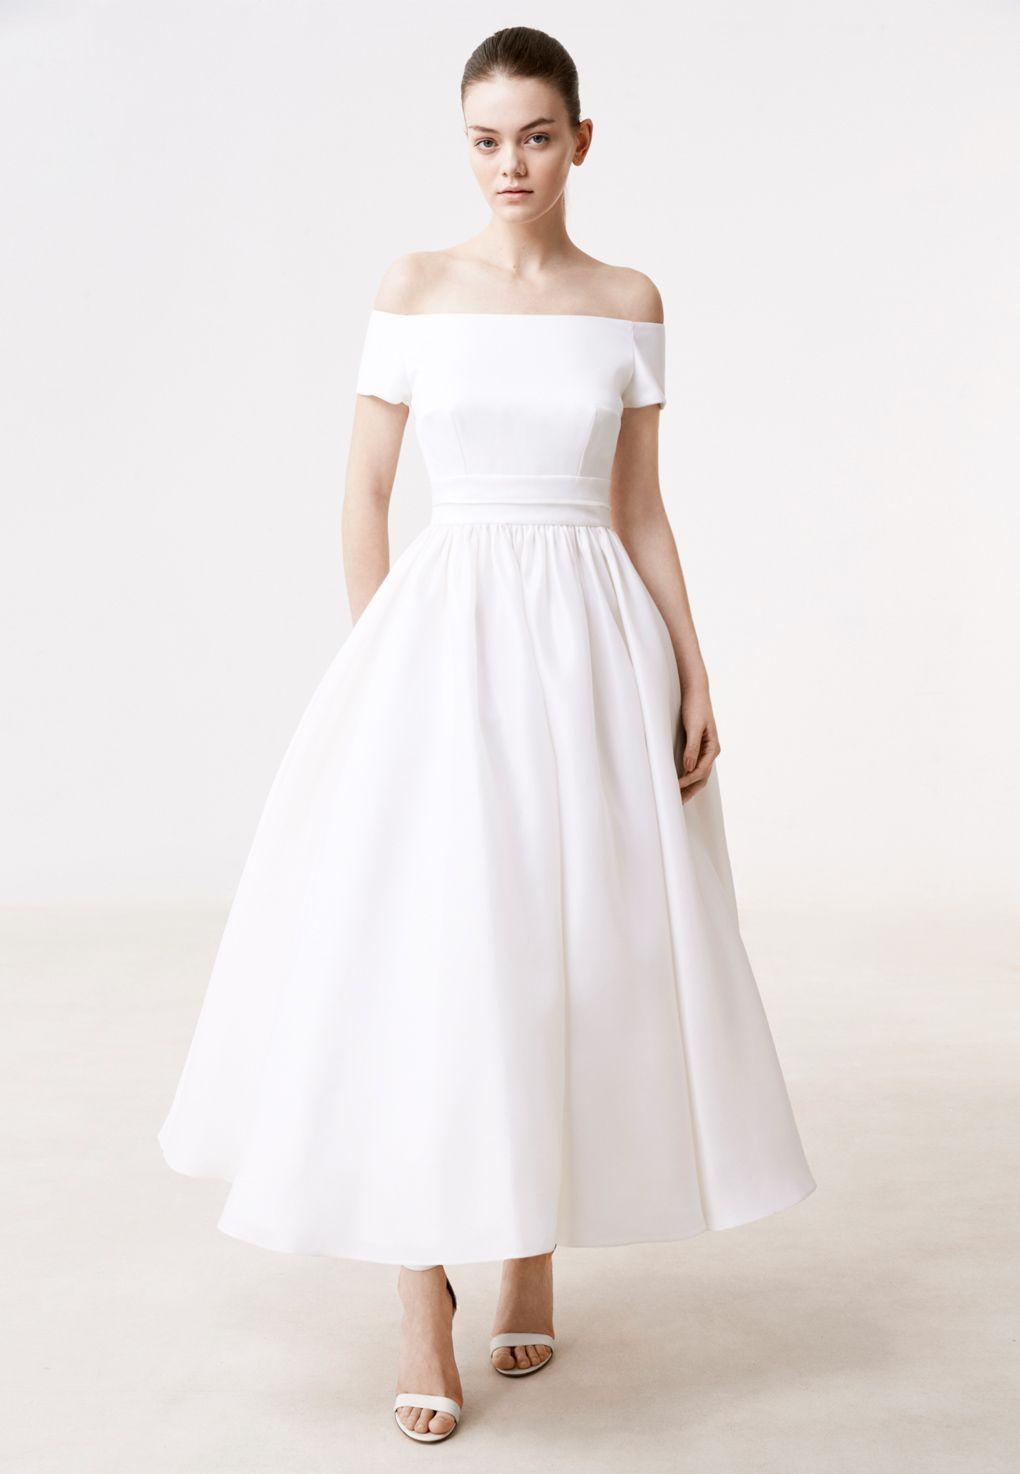 Delphine Manivet - Robes de mariée - Collection 2017